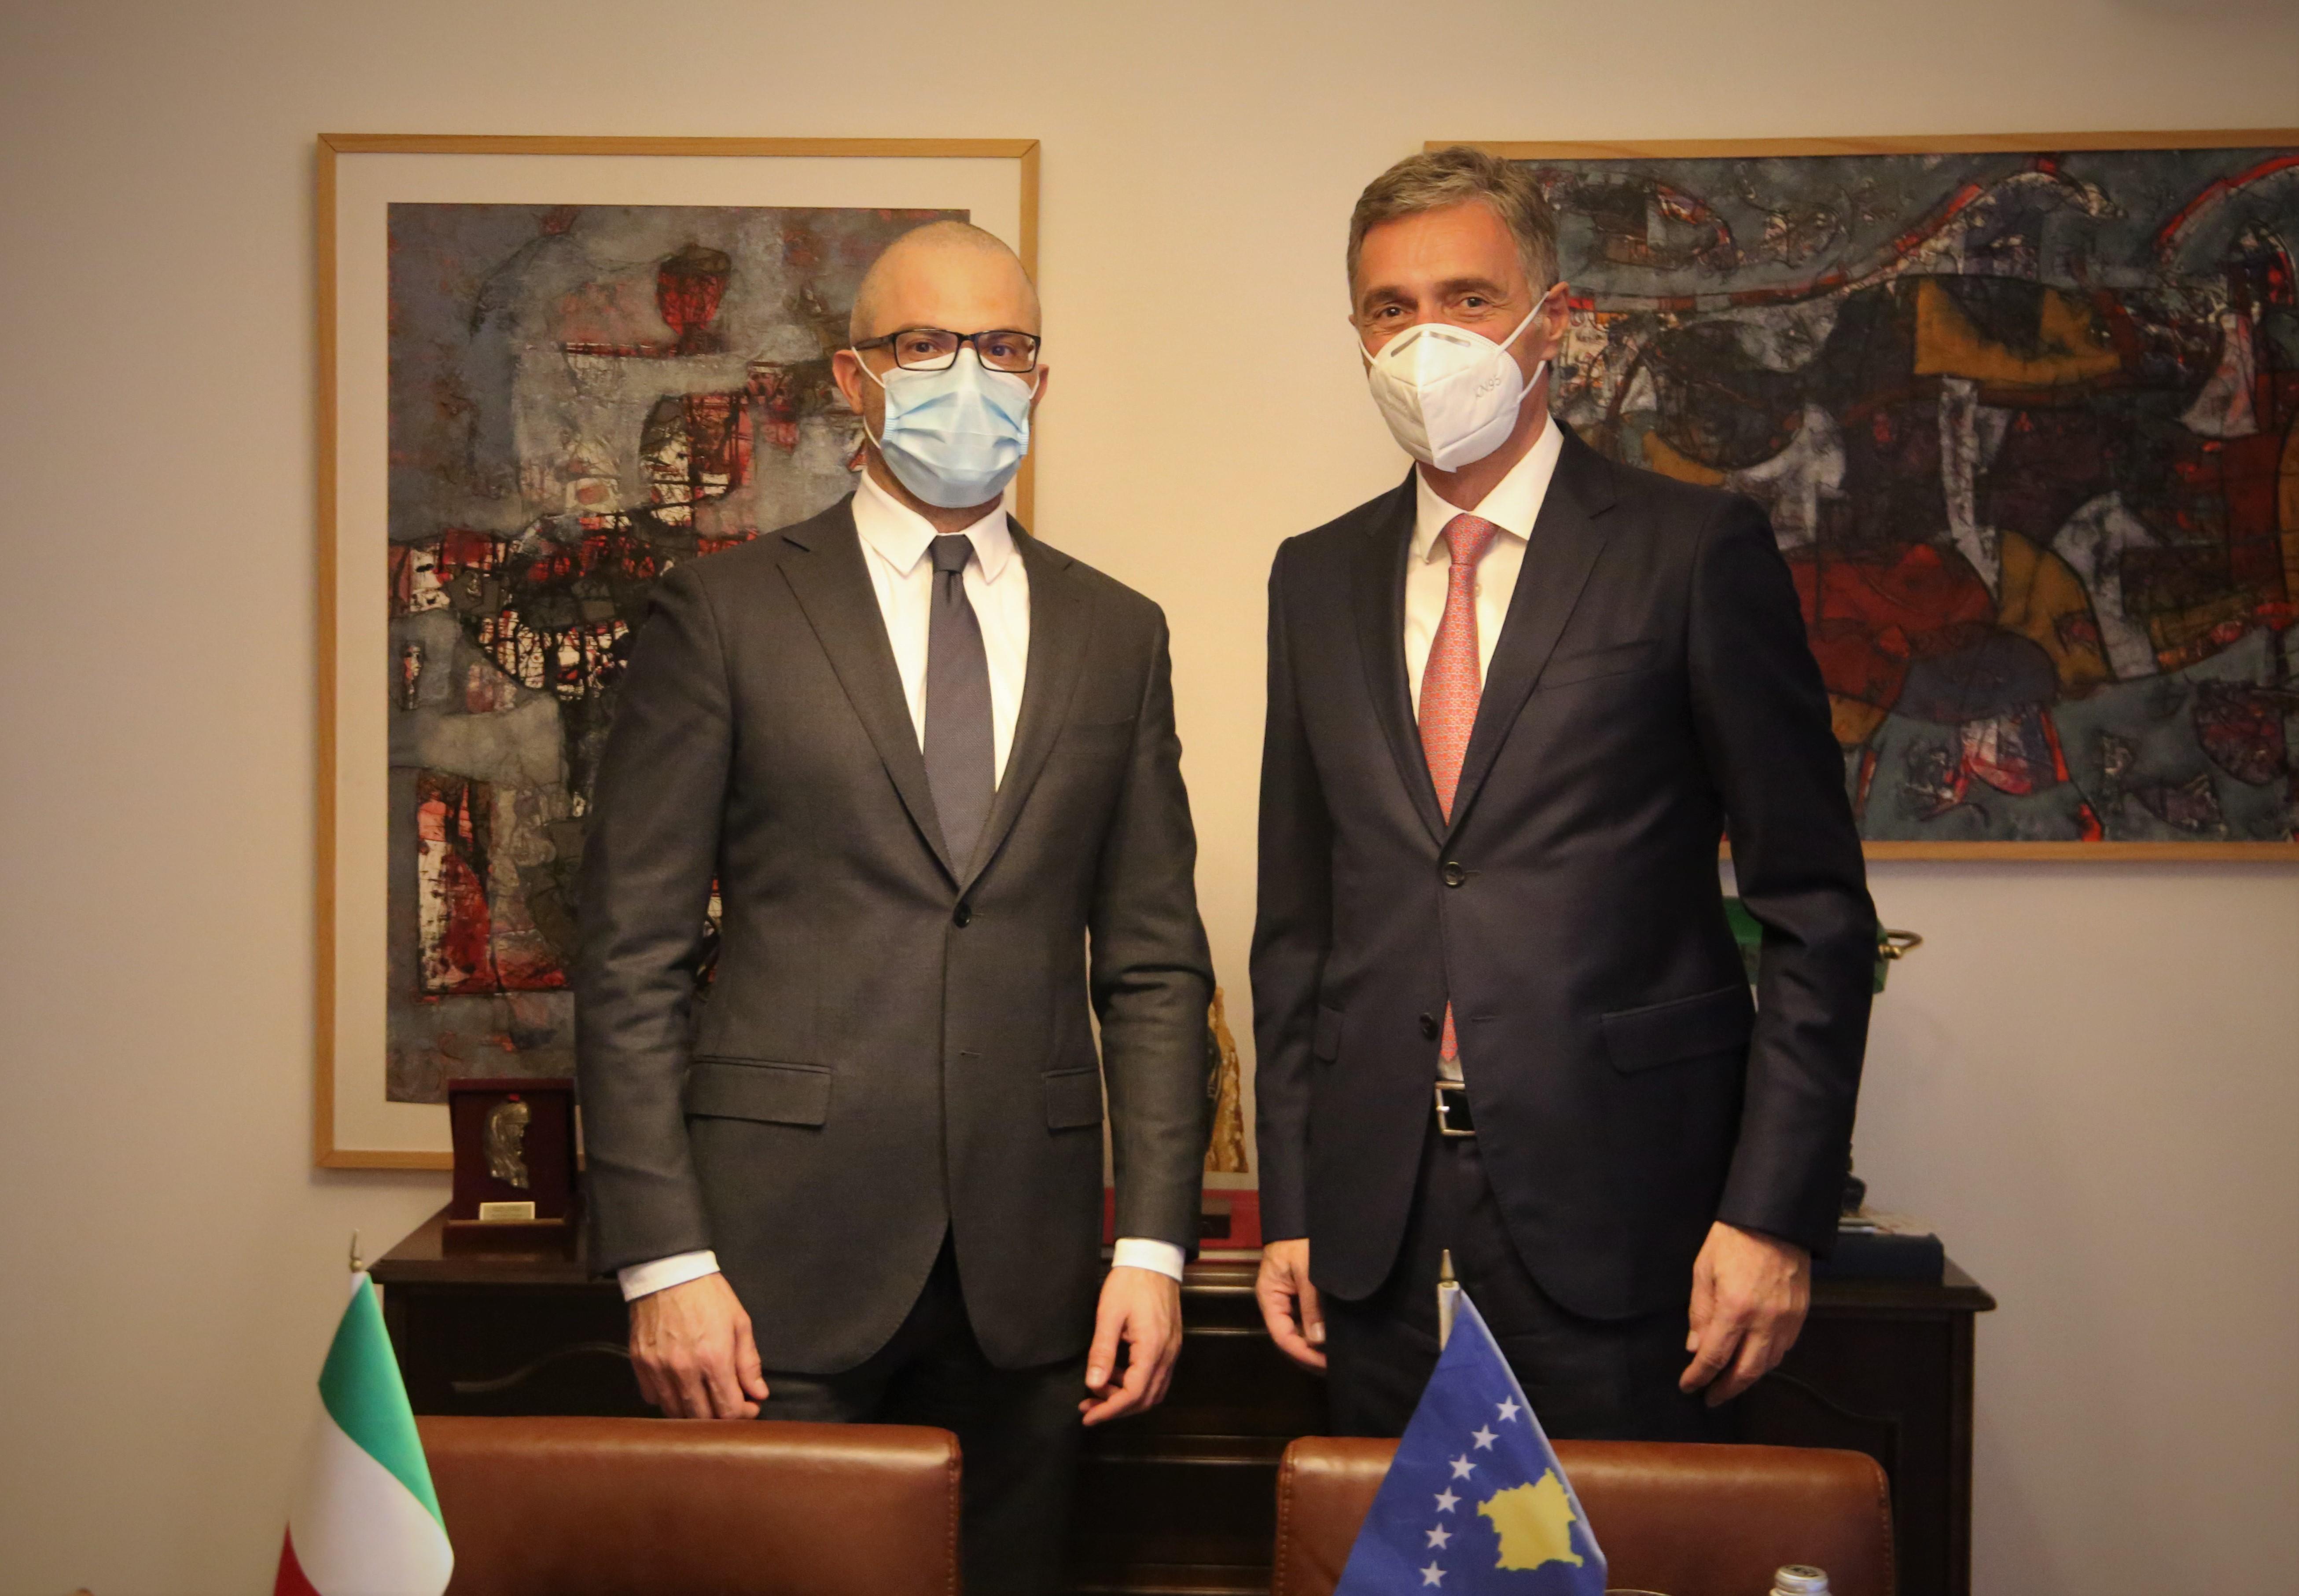 Kryeprokurori i Shtetit, Aleksandër Lumezi, priti në takim Ambasadorin e Italisë në Kosovë, Nicola Orlando